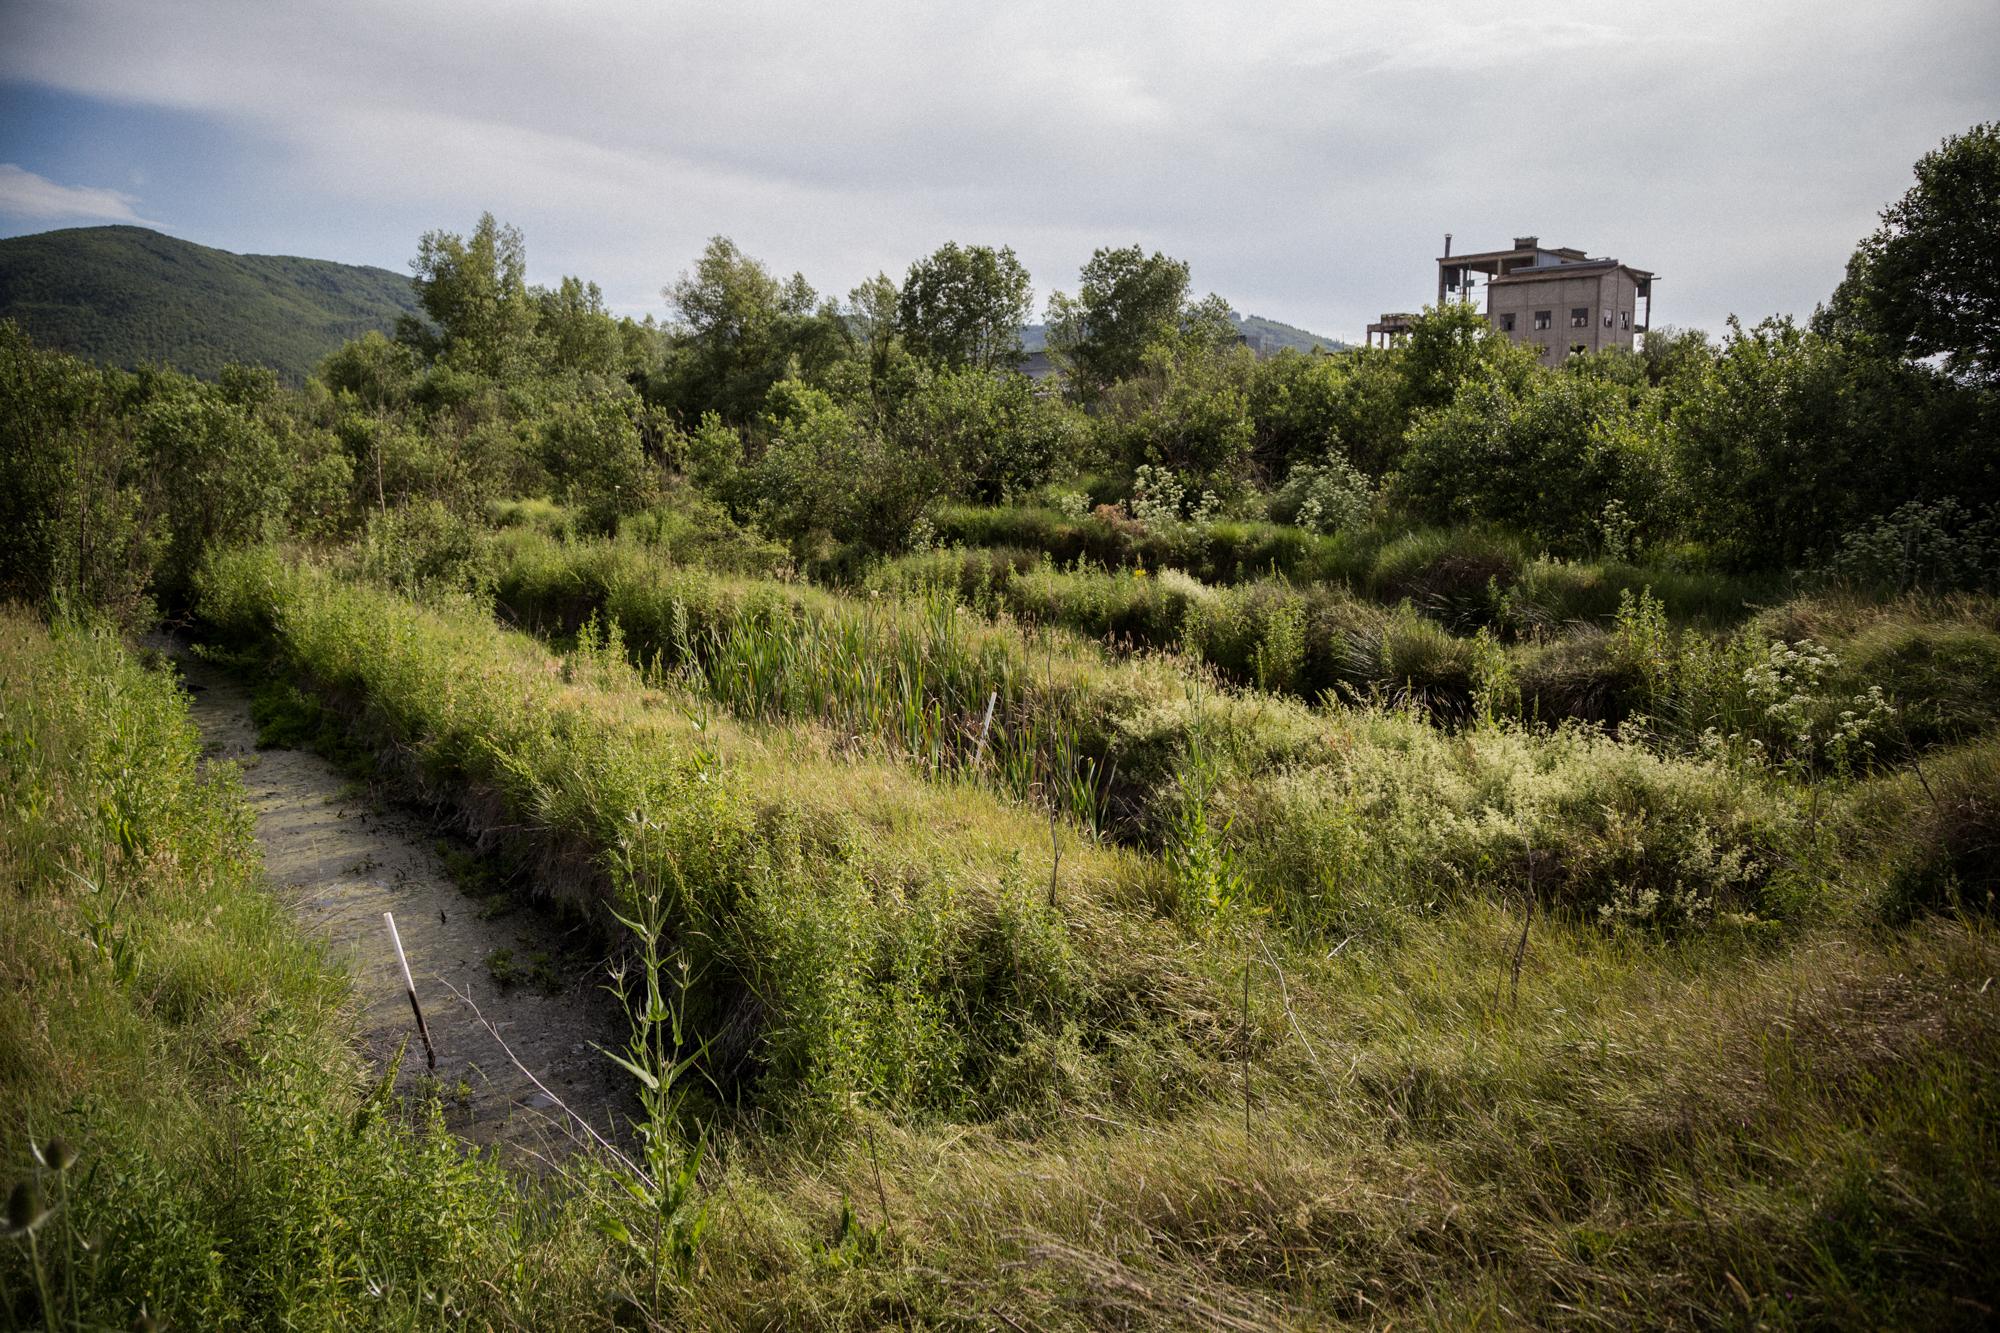 """L'""""Area Fosfogessi"""" della Liquichimica Meridionale. Si presenta verde e ricca di vegetazione eppure è contaminata dai fanghi industriali. La precarietà delle telature di contenimento dei rifiuti e la scarsa impermeabilizzazione delle vasche hanno facilitato il processo. Tito (Area S.I.N. Ex Liquichimica), Giugno 2015"""